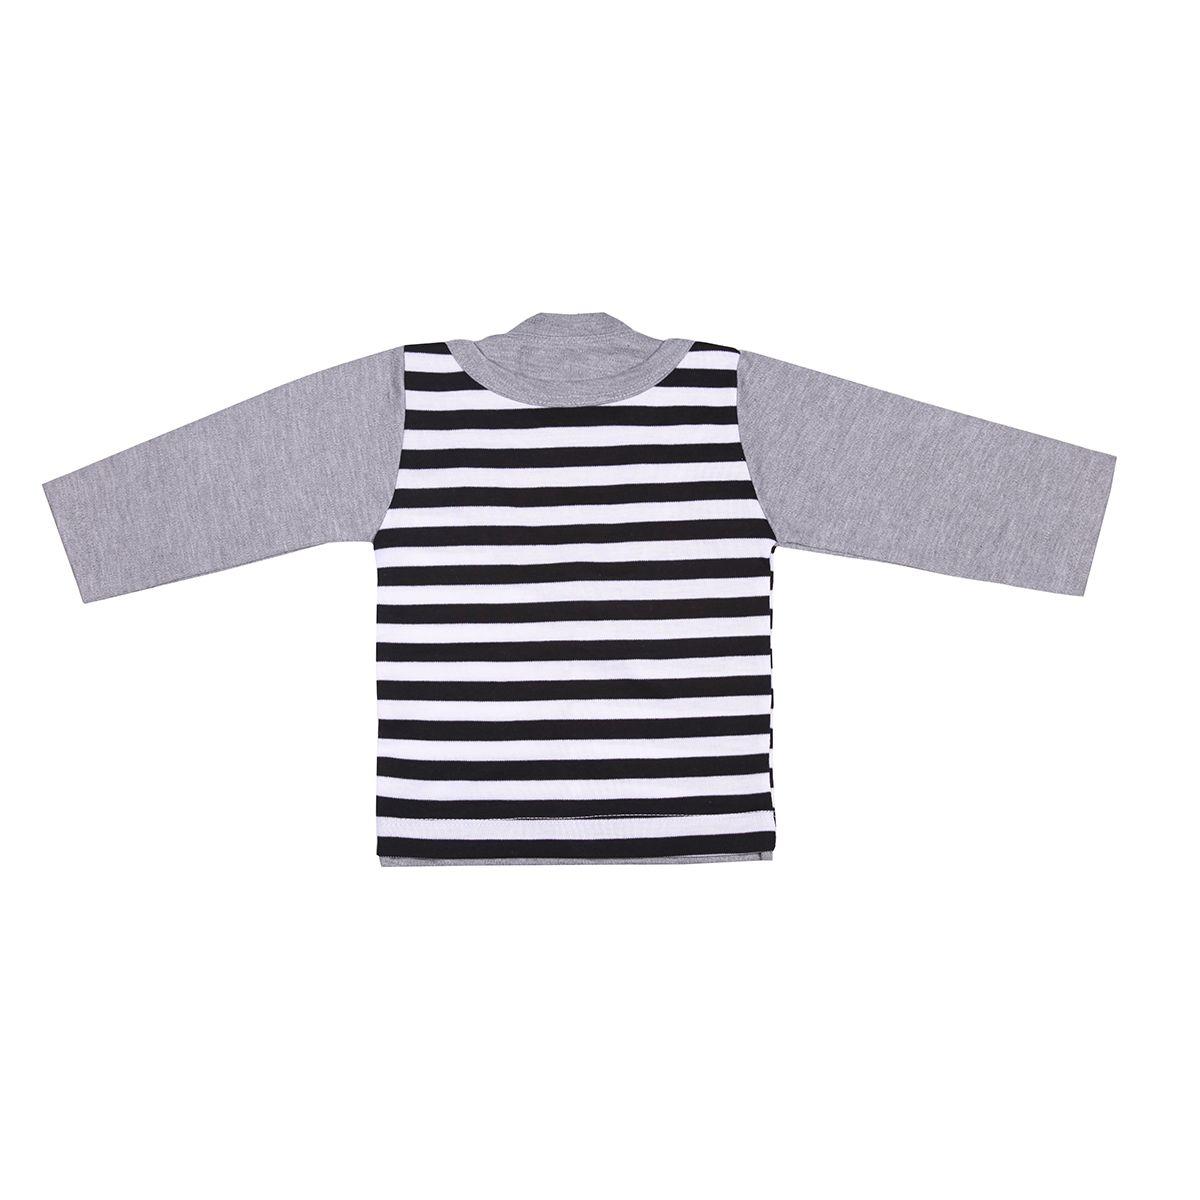 ست تی شرت و شلوار نوزادی کد 507 -  - 5